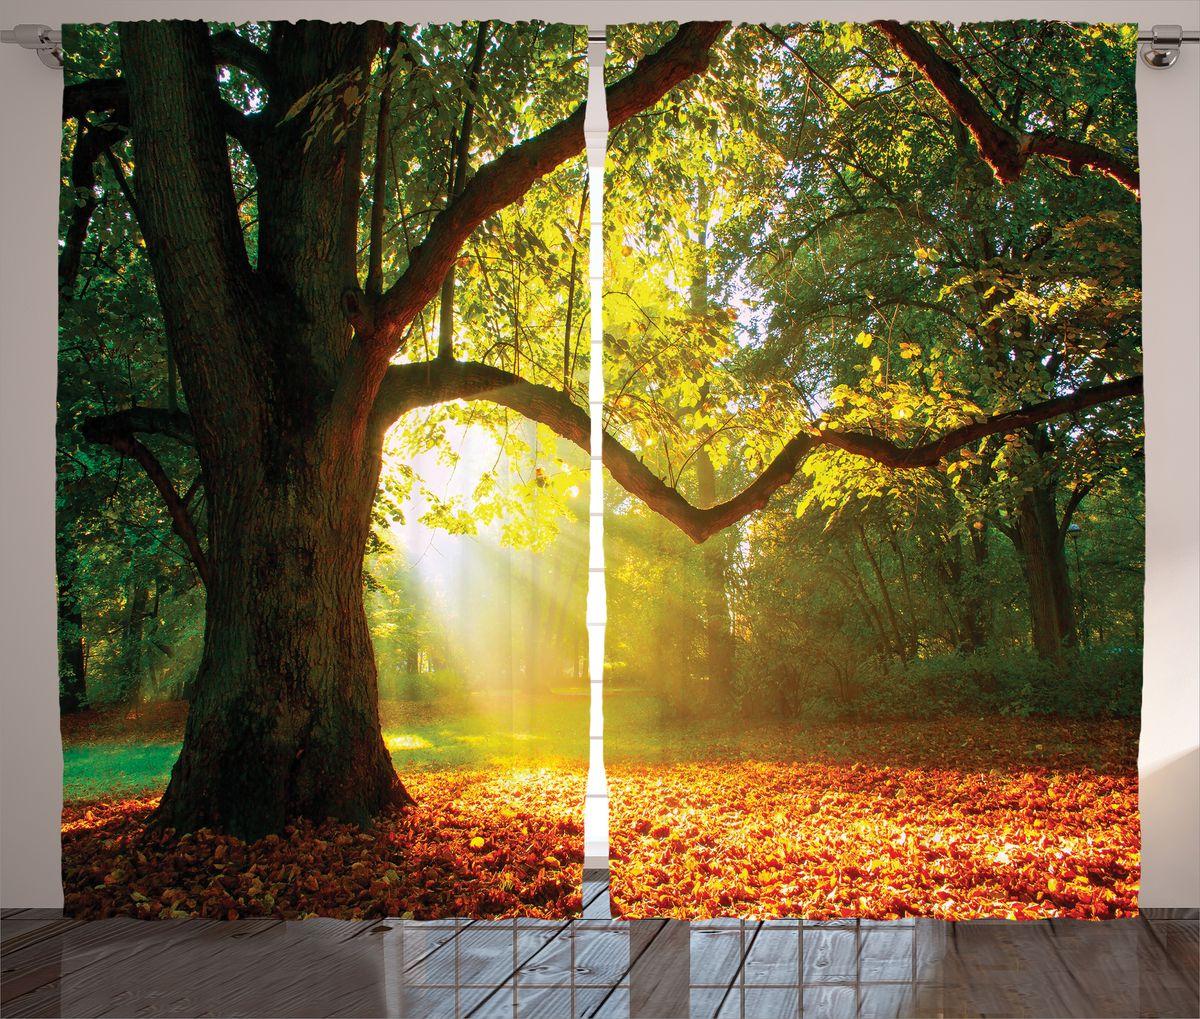 Комплект фотоштор Magic Lady Старое дерево в солнечном свете, на ленте, высота 265 см. шсг_1658921237Компания Сэмболь изготавливает шторы из высококачественного сатена (полиэстер 100%). При изготовлении используются специальные гипоаллергенные чернила для прямой печати по ткани, безопасные для человека и животных. Экологичность продукции Magic lady и безопасность для окружающей среды подтверждены сертификатом Oeko-Tex Standard 100. Крепление: крючки для крепления на шторной ленте (50 шт). Возможно крепление на трубу. Внимание! При нанесении сублимационной печати на ткань технологическим методом при температуре 240°С, возможно отклонение полученных размеров (указанных на этикетке и сайте) от стандартных на + - 3-5 см. Производитель старается максимально точно передать цвета изделия на фотографиях, однако искажения неизбежны и фактический цвет изделия может отличаться от воспринимаемого по фото. Обратите внимание! Шторы изготовлены из полиэстра сатенового переплетения, а не из сатина (хлопок). Размер одного полотна шторы: 145х265 см. В комплекте 2 полотна шторы и 50 крючков.